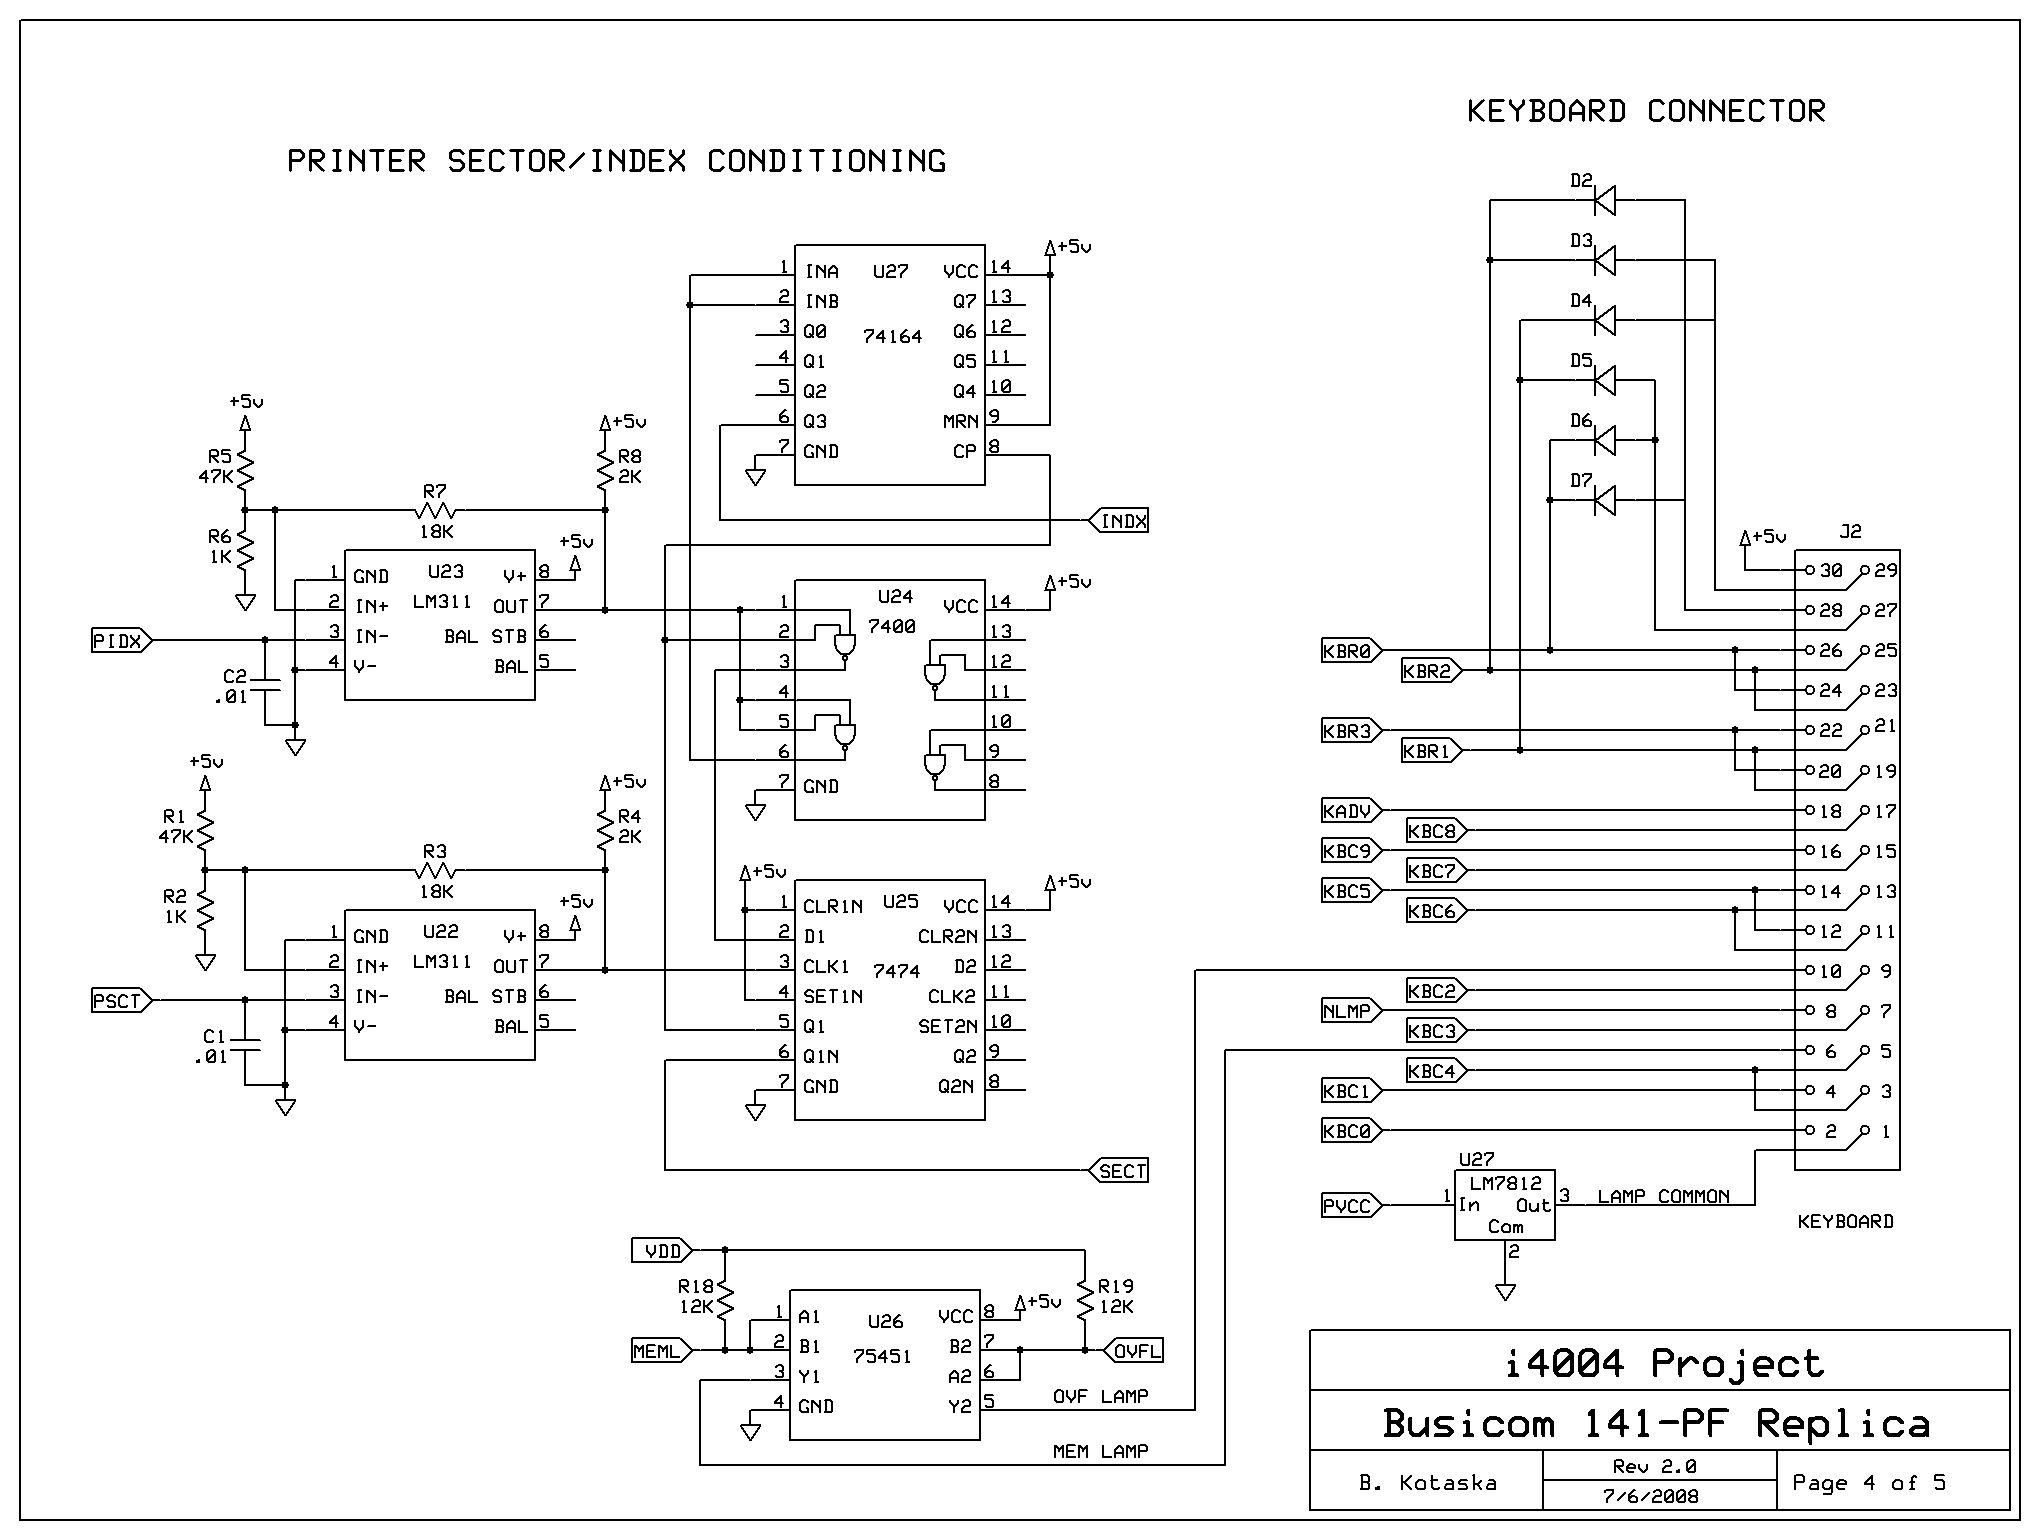 Busicom 141 Pf Replica Schematics Model 102 Printer Emulator